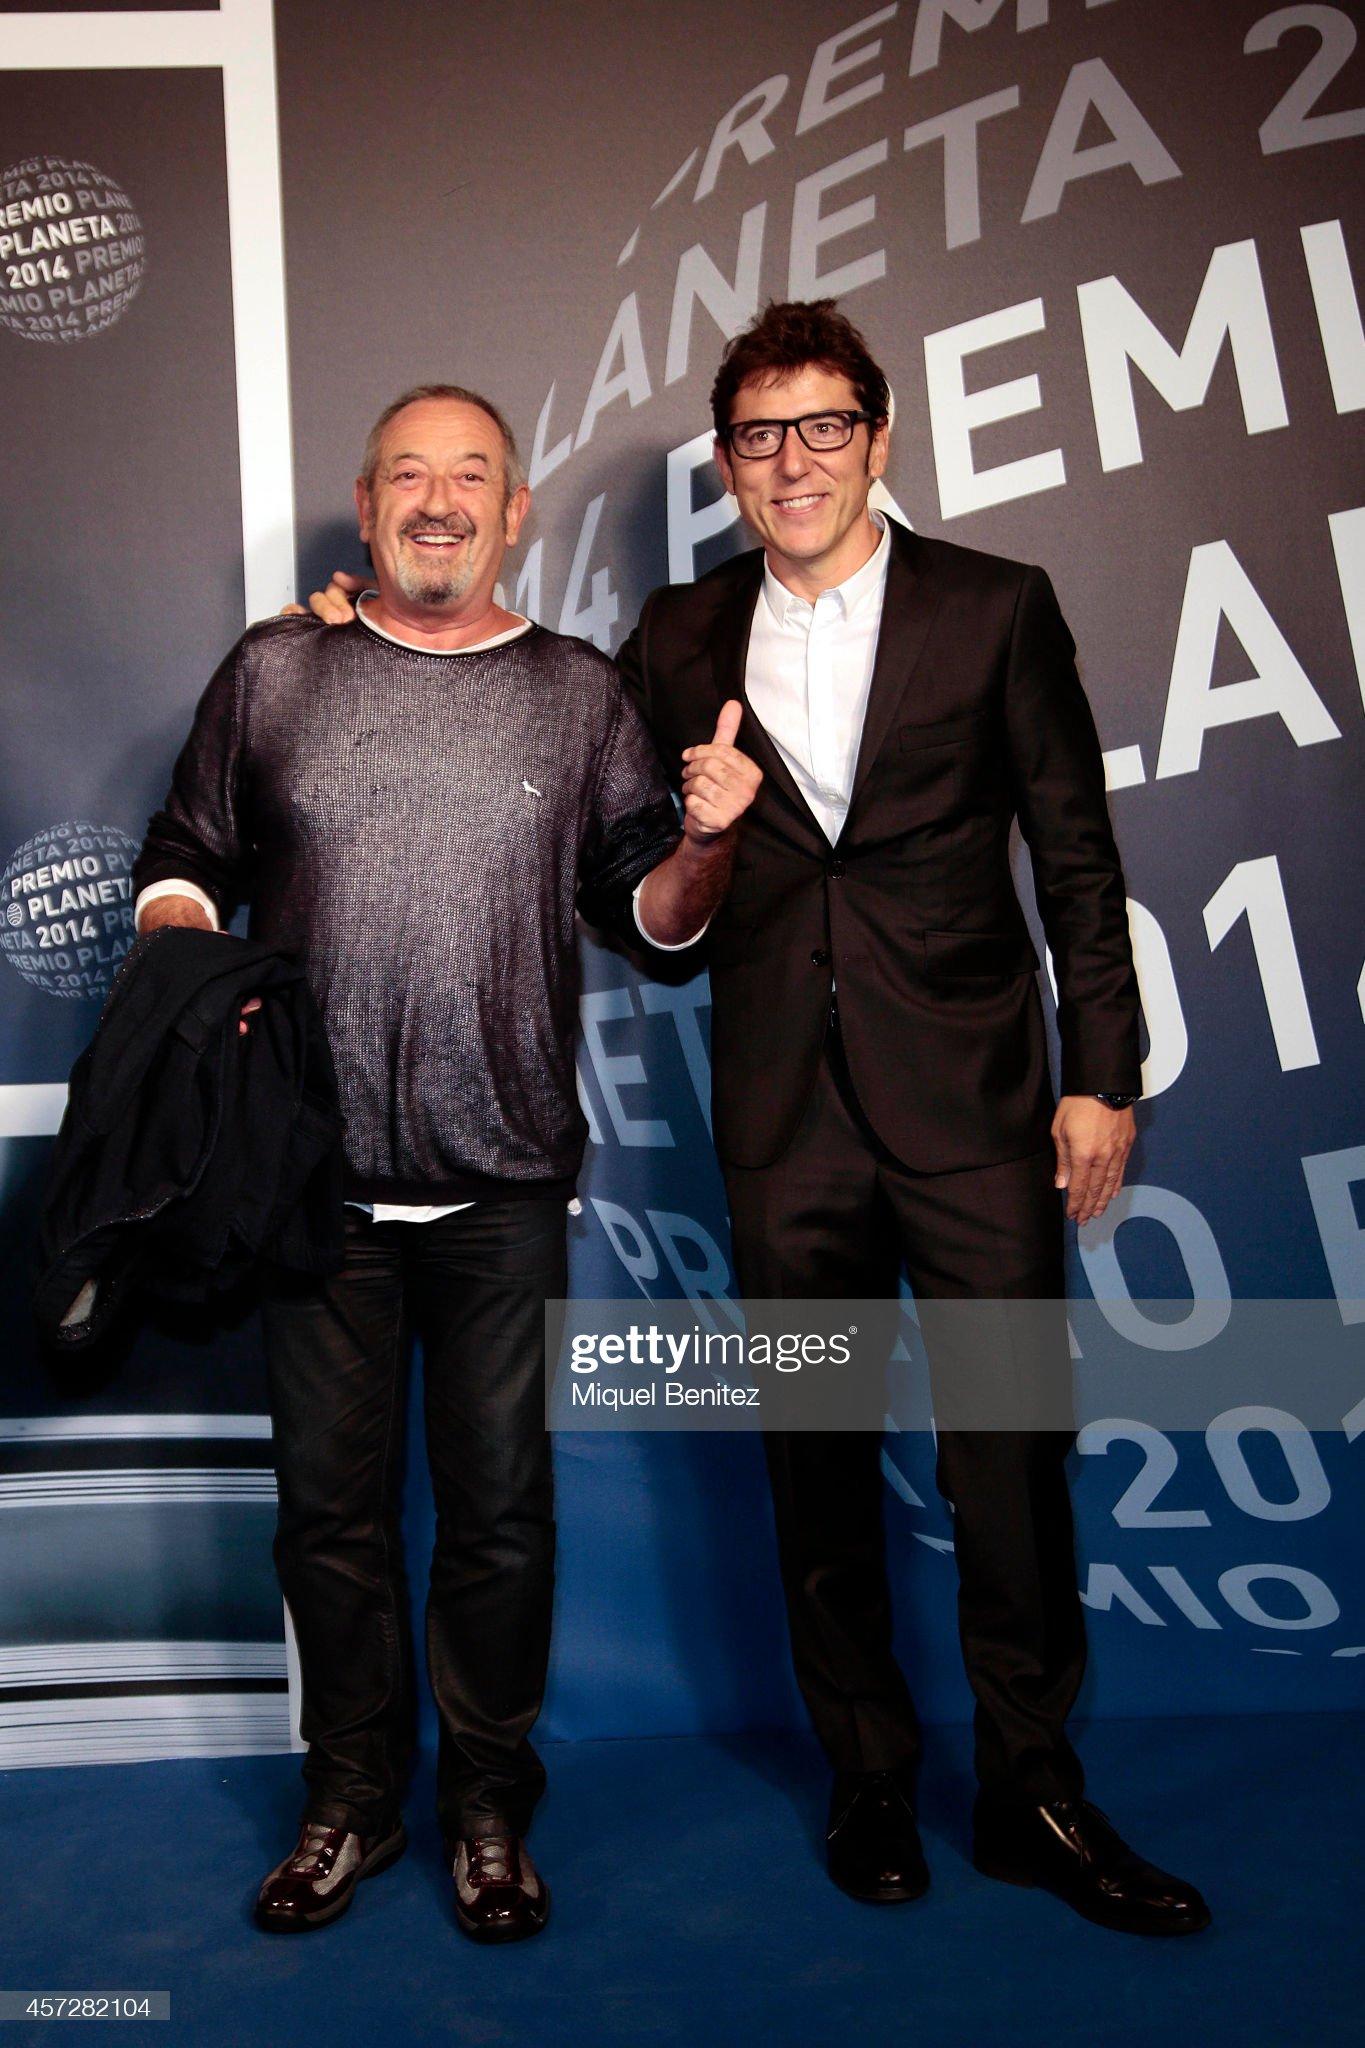 ¿Cuánto mide Manel Fuentes? - Estatura y peso - Página 2 Karlos-arguinano-and-manel-fuentes-attend-the-63th-premio-planeta-picture-id457282104?s=2048x2048